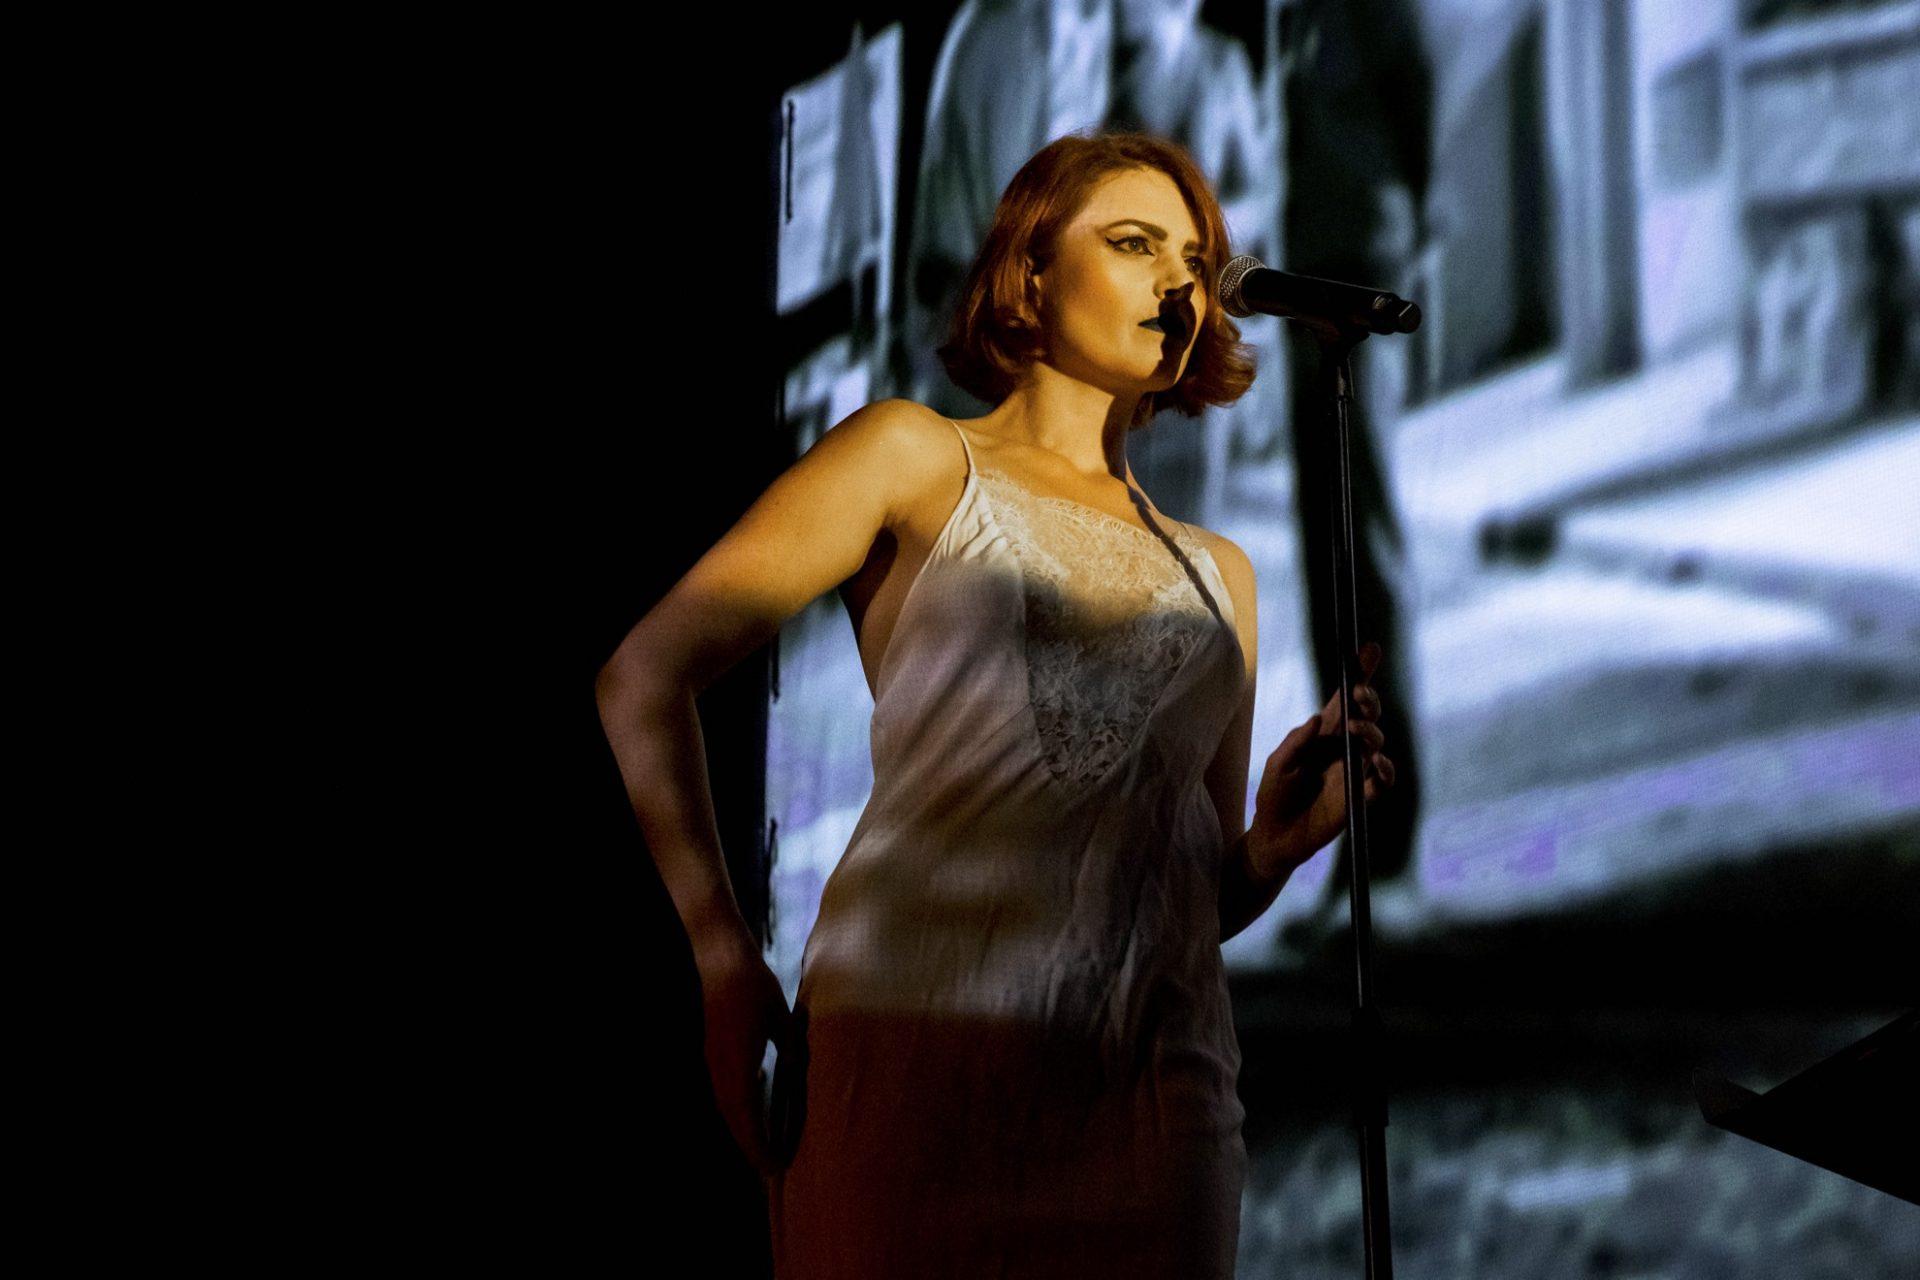 Elodie Frégé-Prieur de la Marne Porquerolles Film Festival 8 juillet 2020 @laurentparienti-15